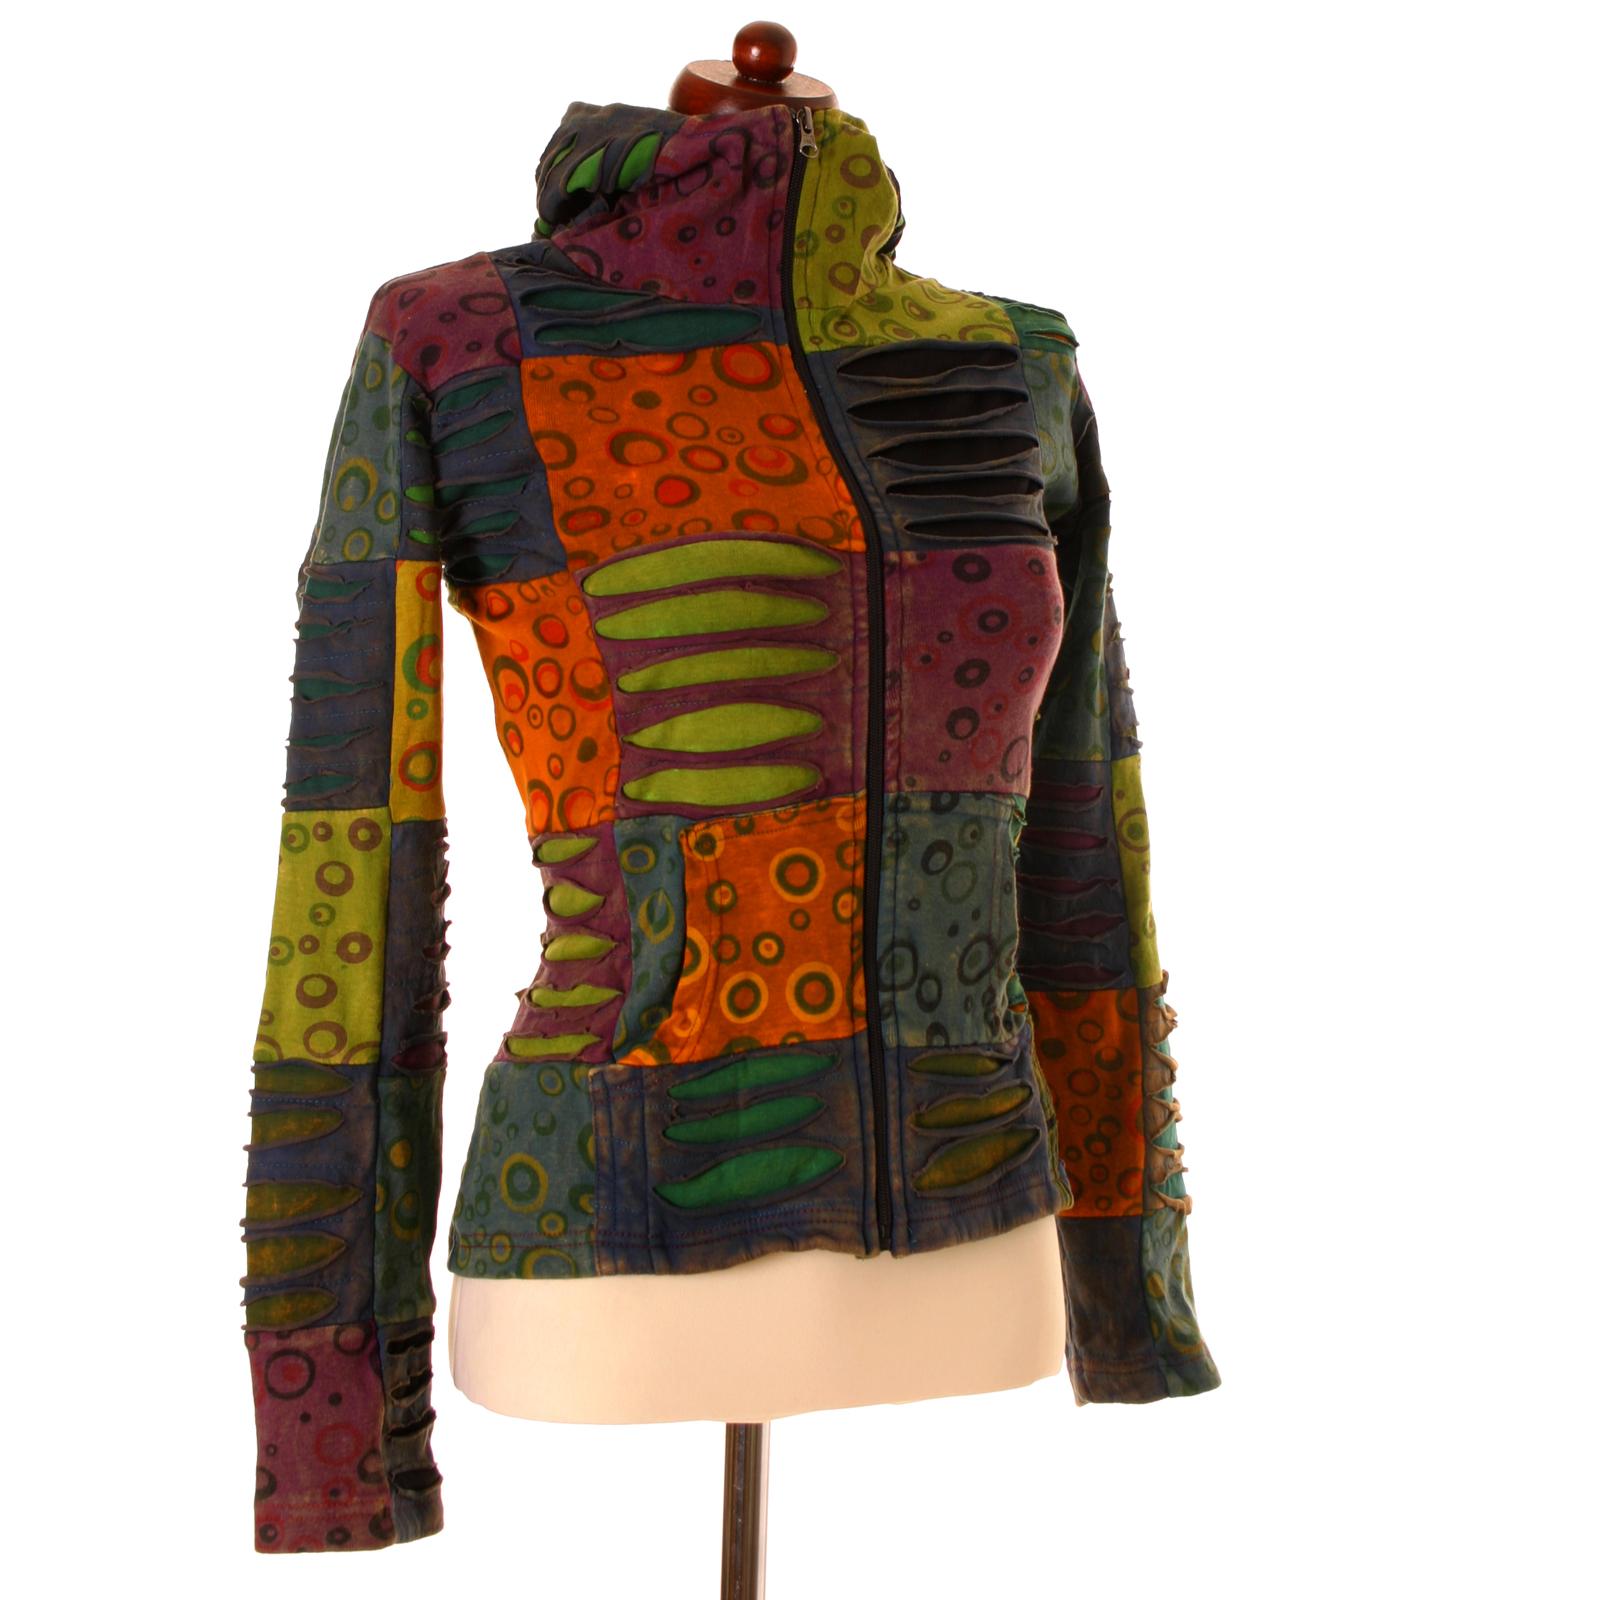 vishes goa patchwork jacke bunte elfenjacke hoodie hoody. Black Bedroom Furniture Sets. Home Design Ideas